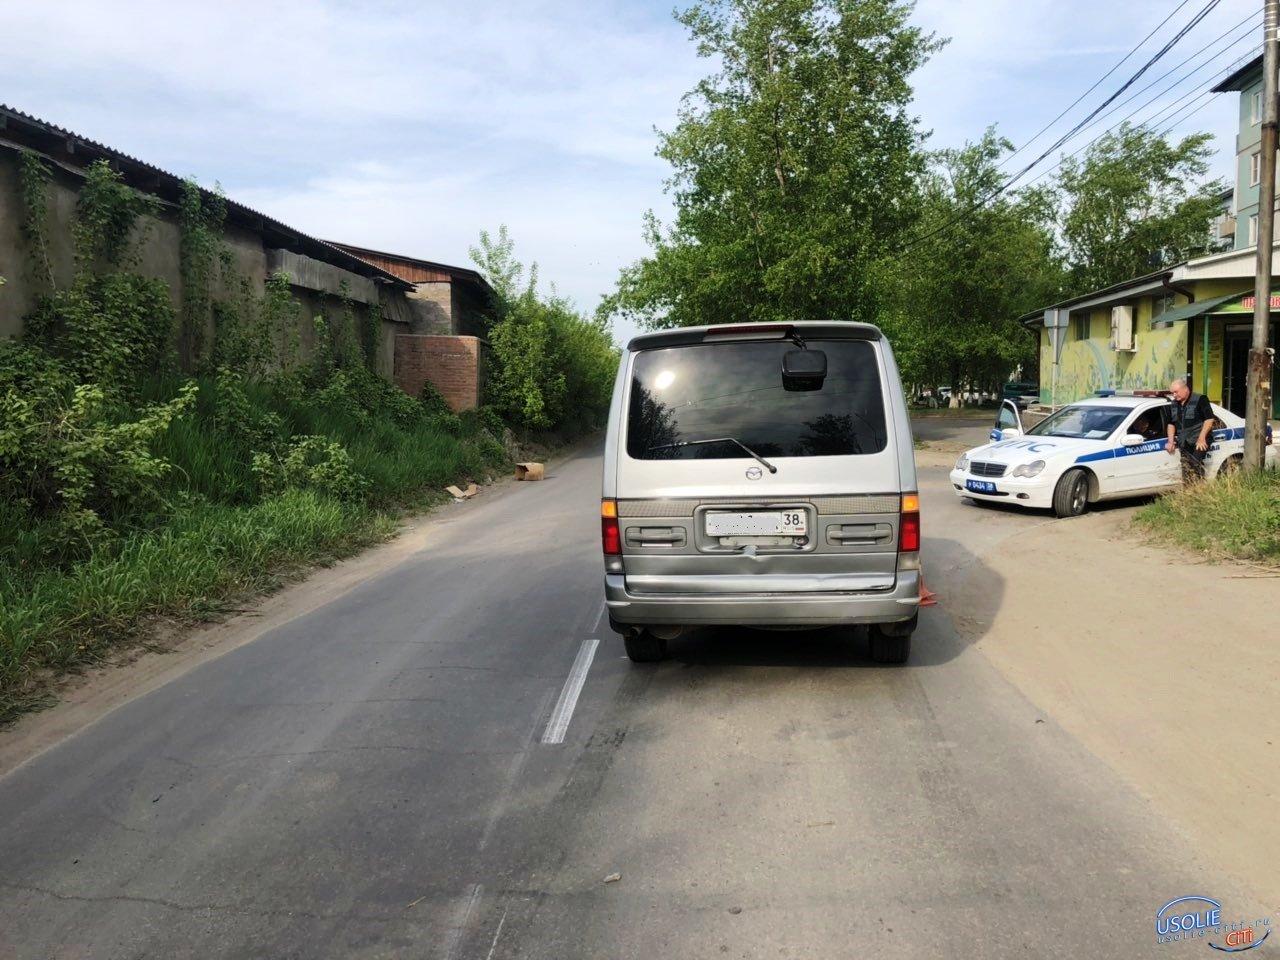 В Усолье восьмилетний мальчик попал под колеса микроавтобуса